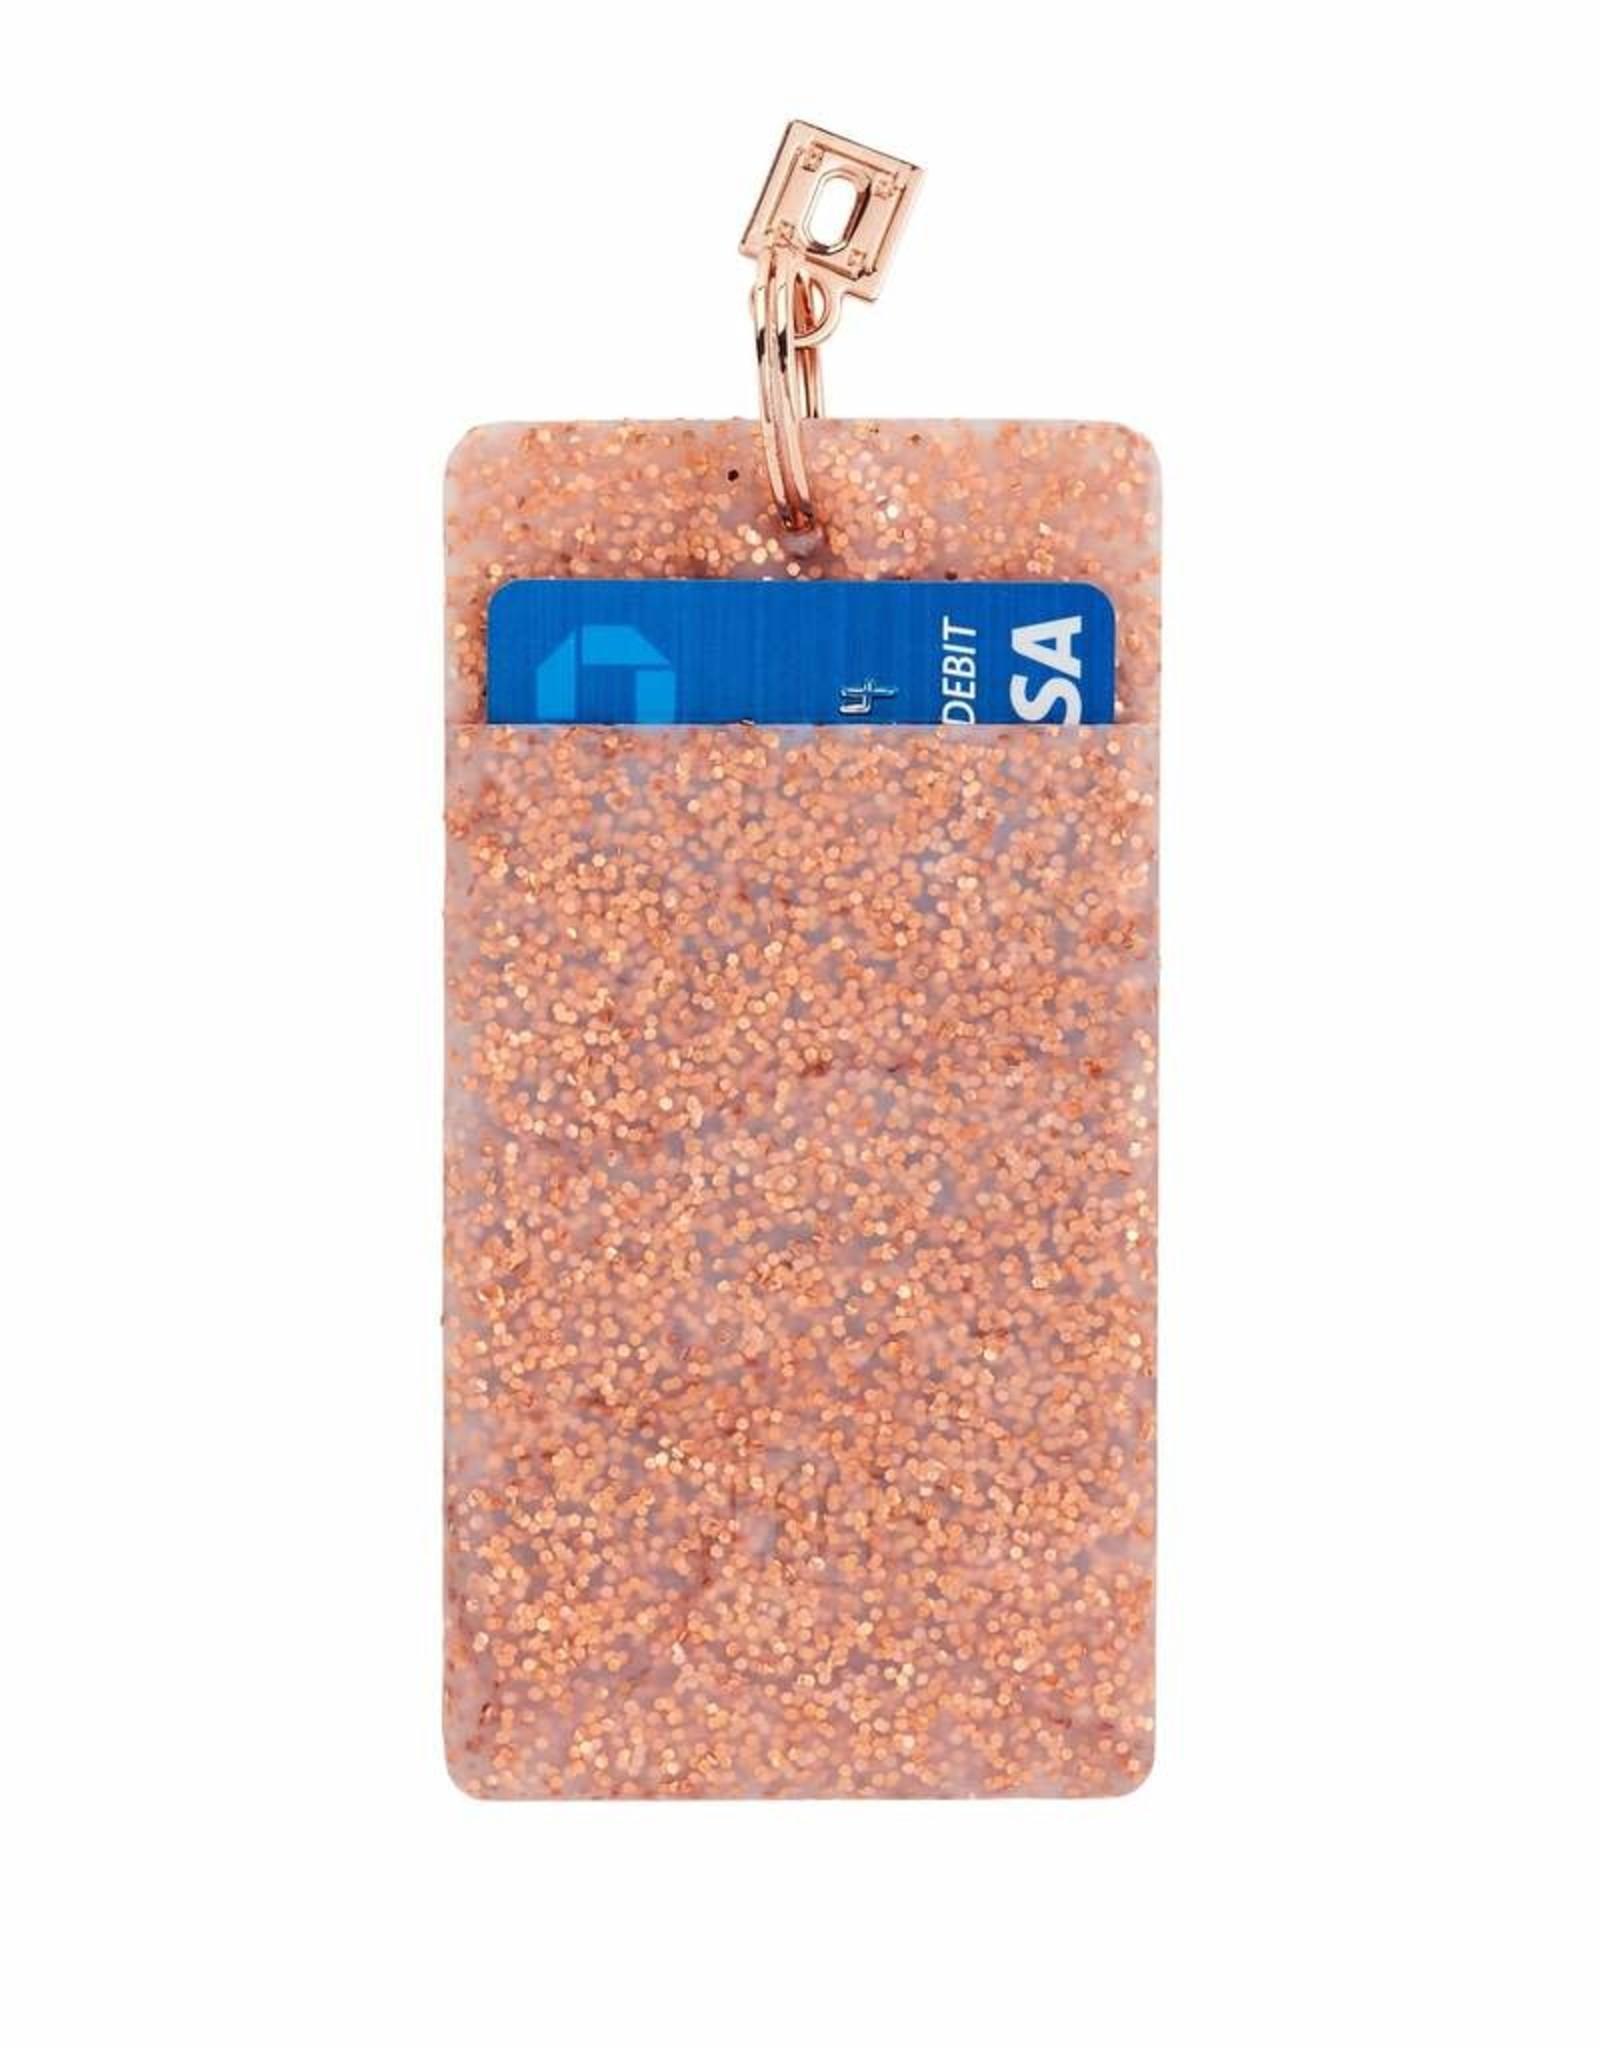 O Ventures Mini Silicone Pouch Rose Gold Confetti